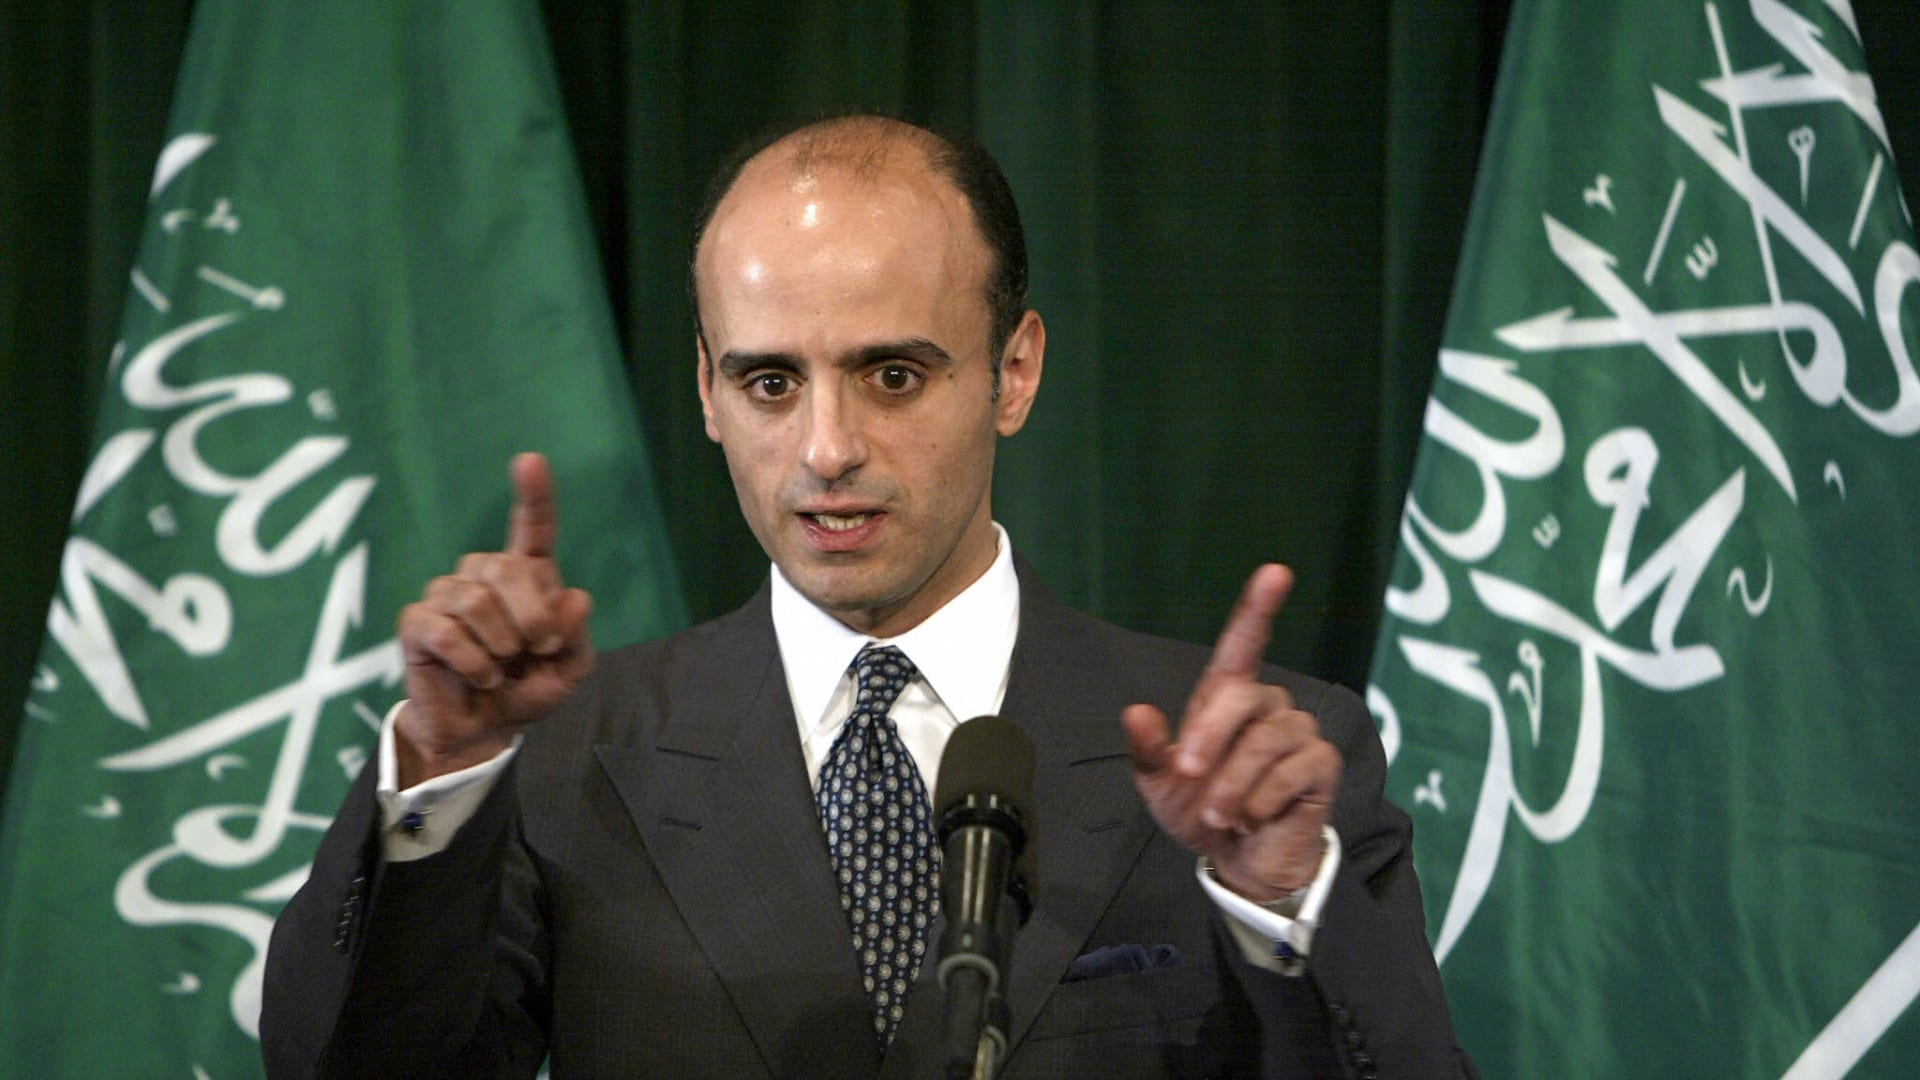 الجبير يرد على ظريف: سيتهم السعودية بالتسبب بزلزال أو فيضان.. والمملكة لا تتبع سياسة الاغتيالات